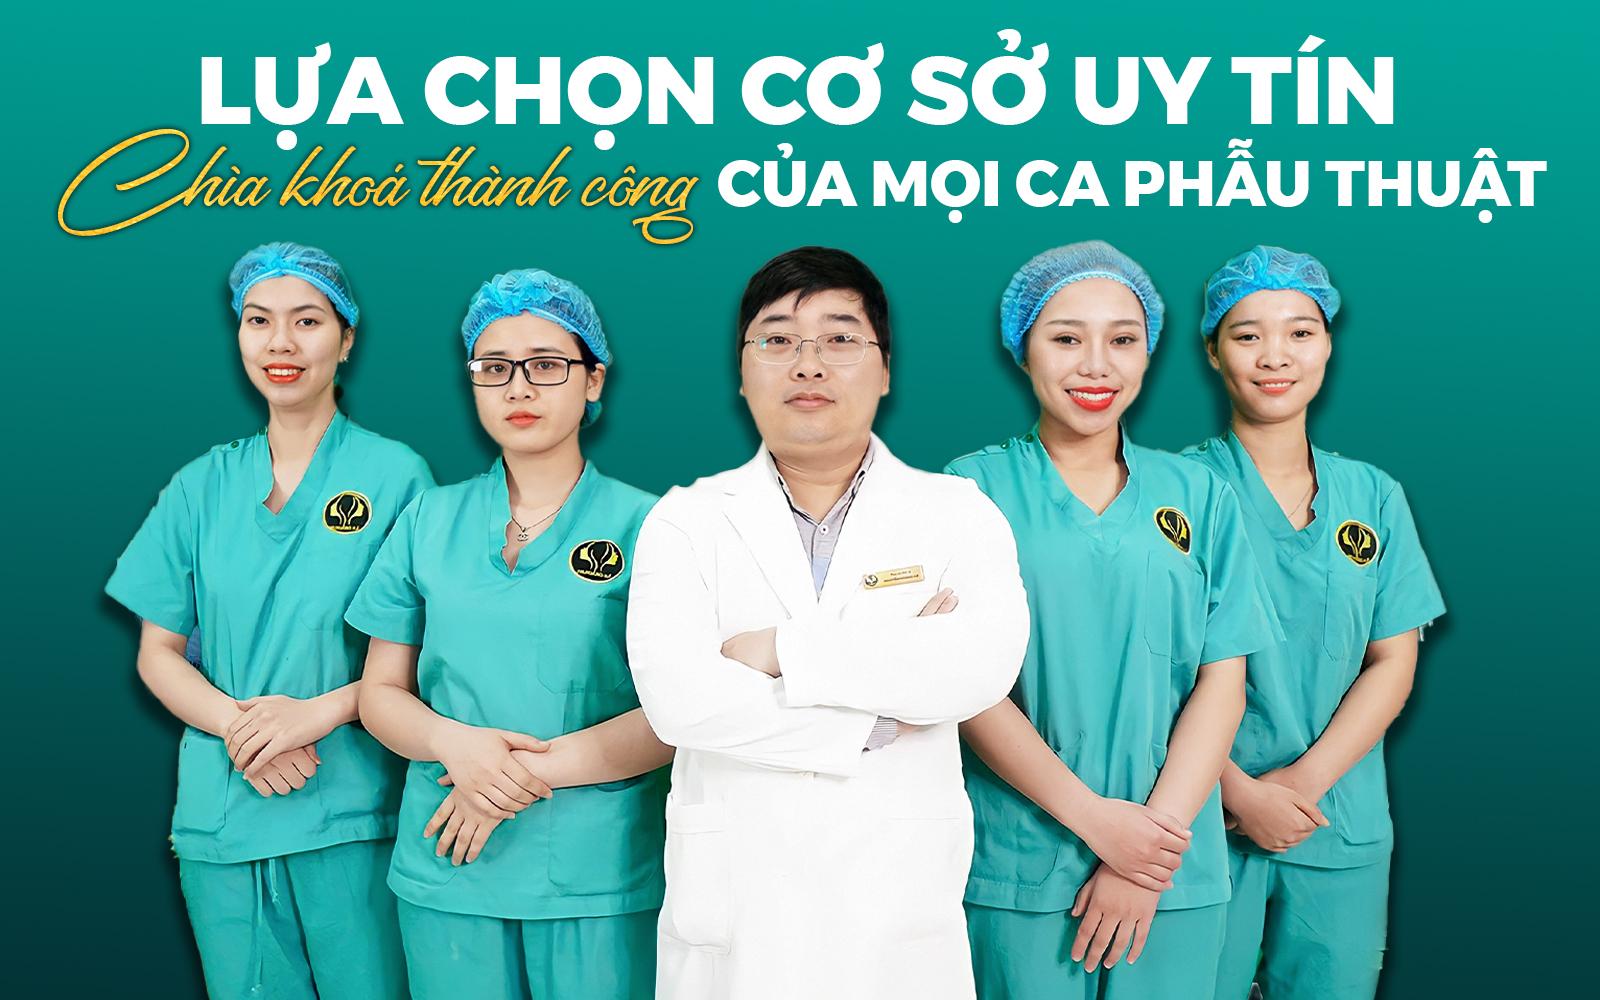 Dr Hoàng Hà địa chỉ làm đẹp tin cậy của phái đẹp!